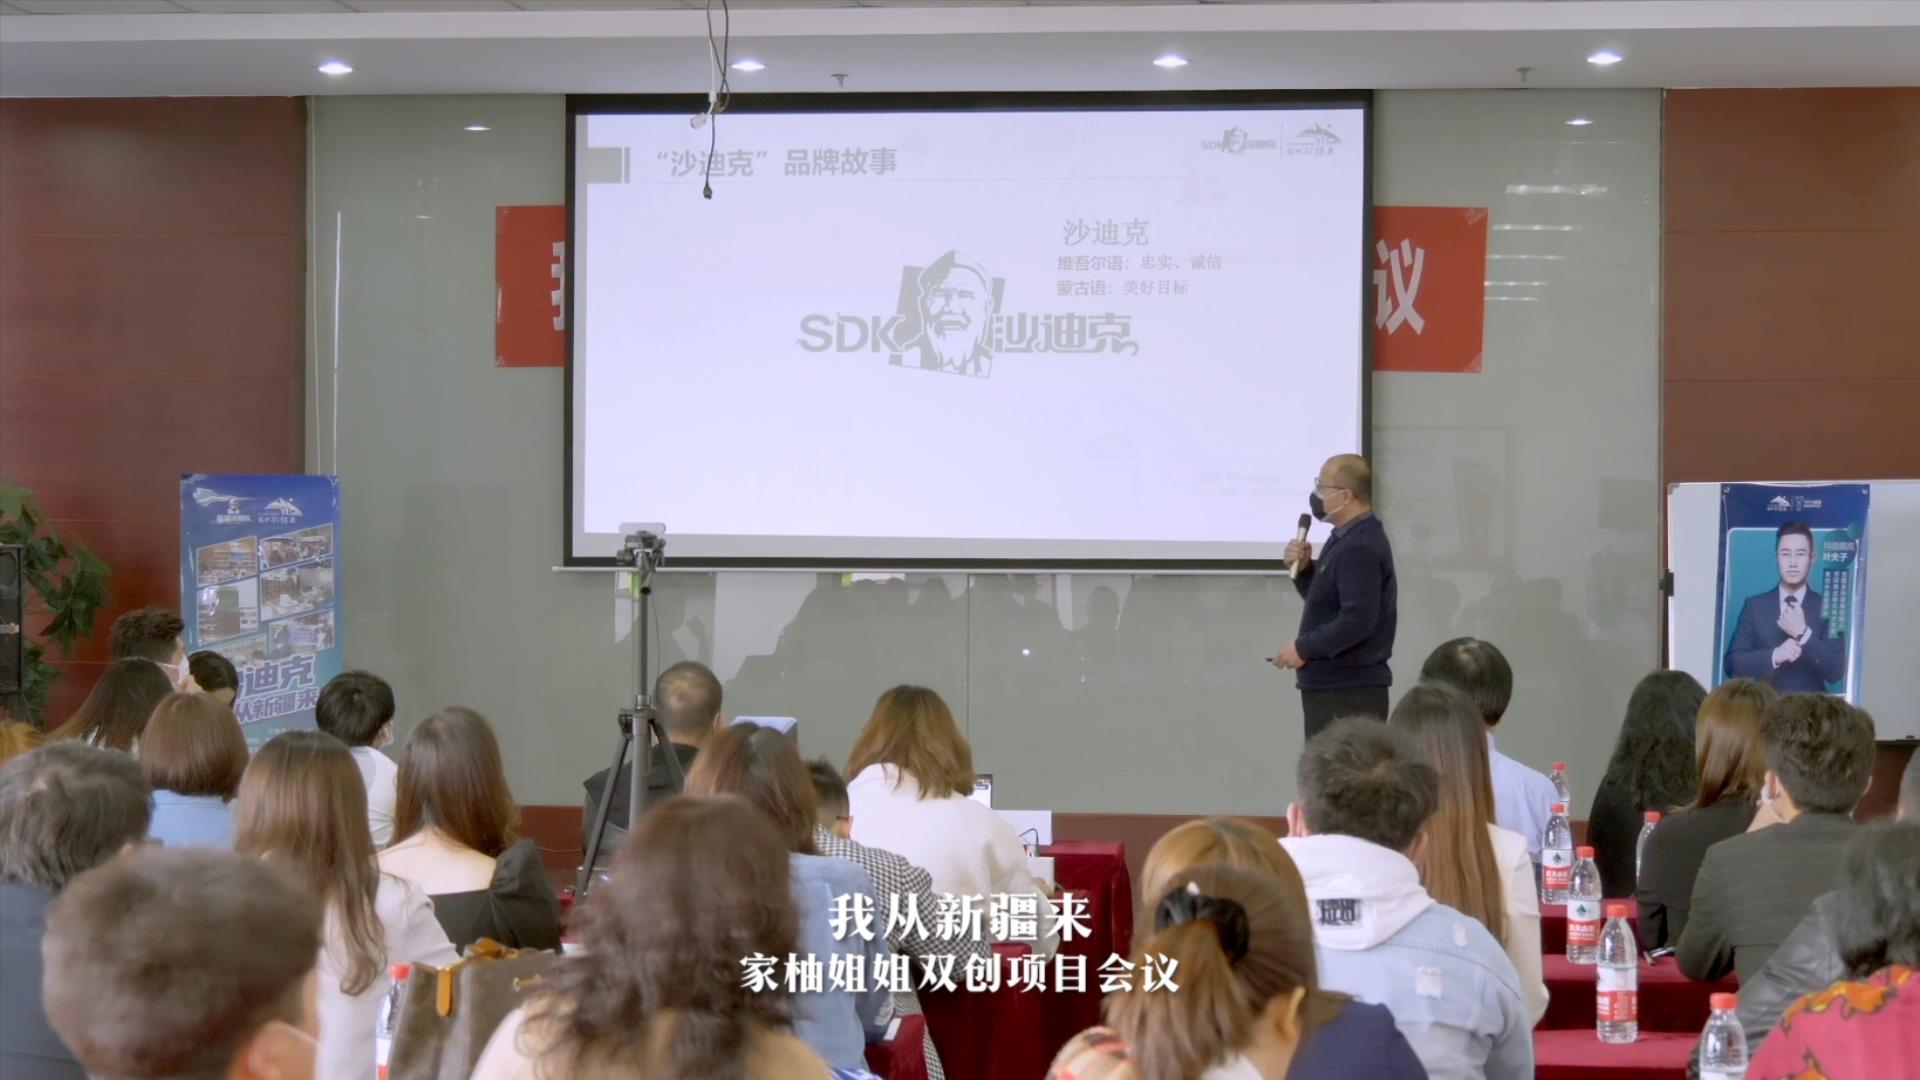 沙迪克与贵州卫视家有购物合作拓宽新疆消费帮扶产品销售渠道